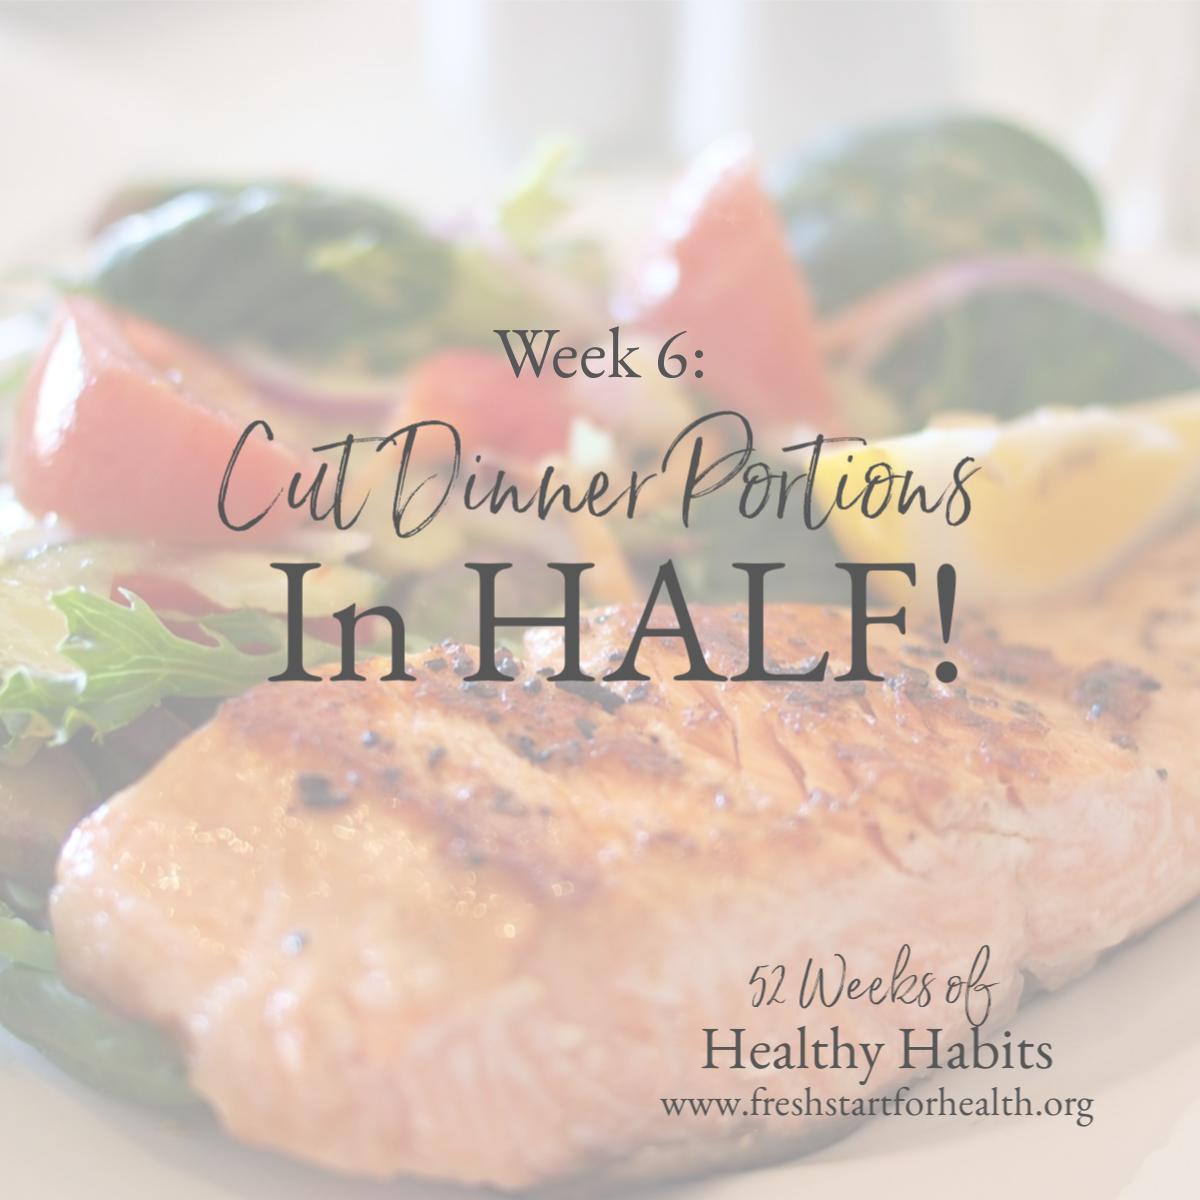 52 weeks week 6 cut dinner portions.png